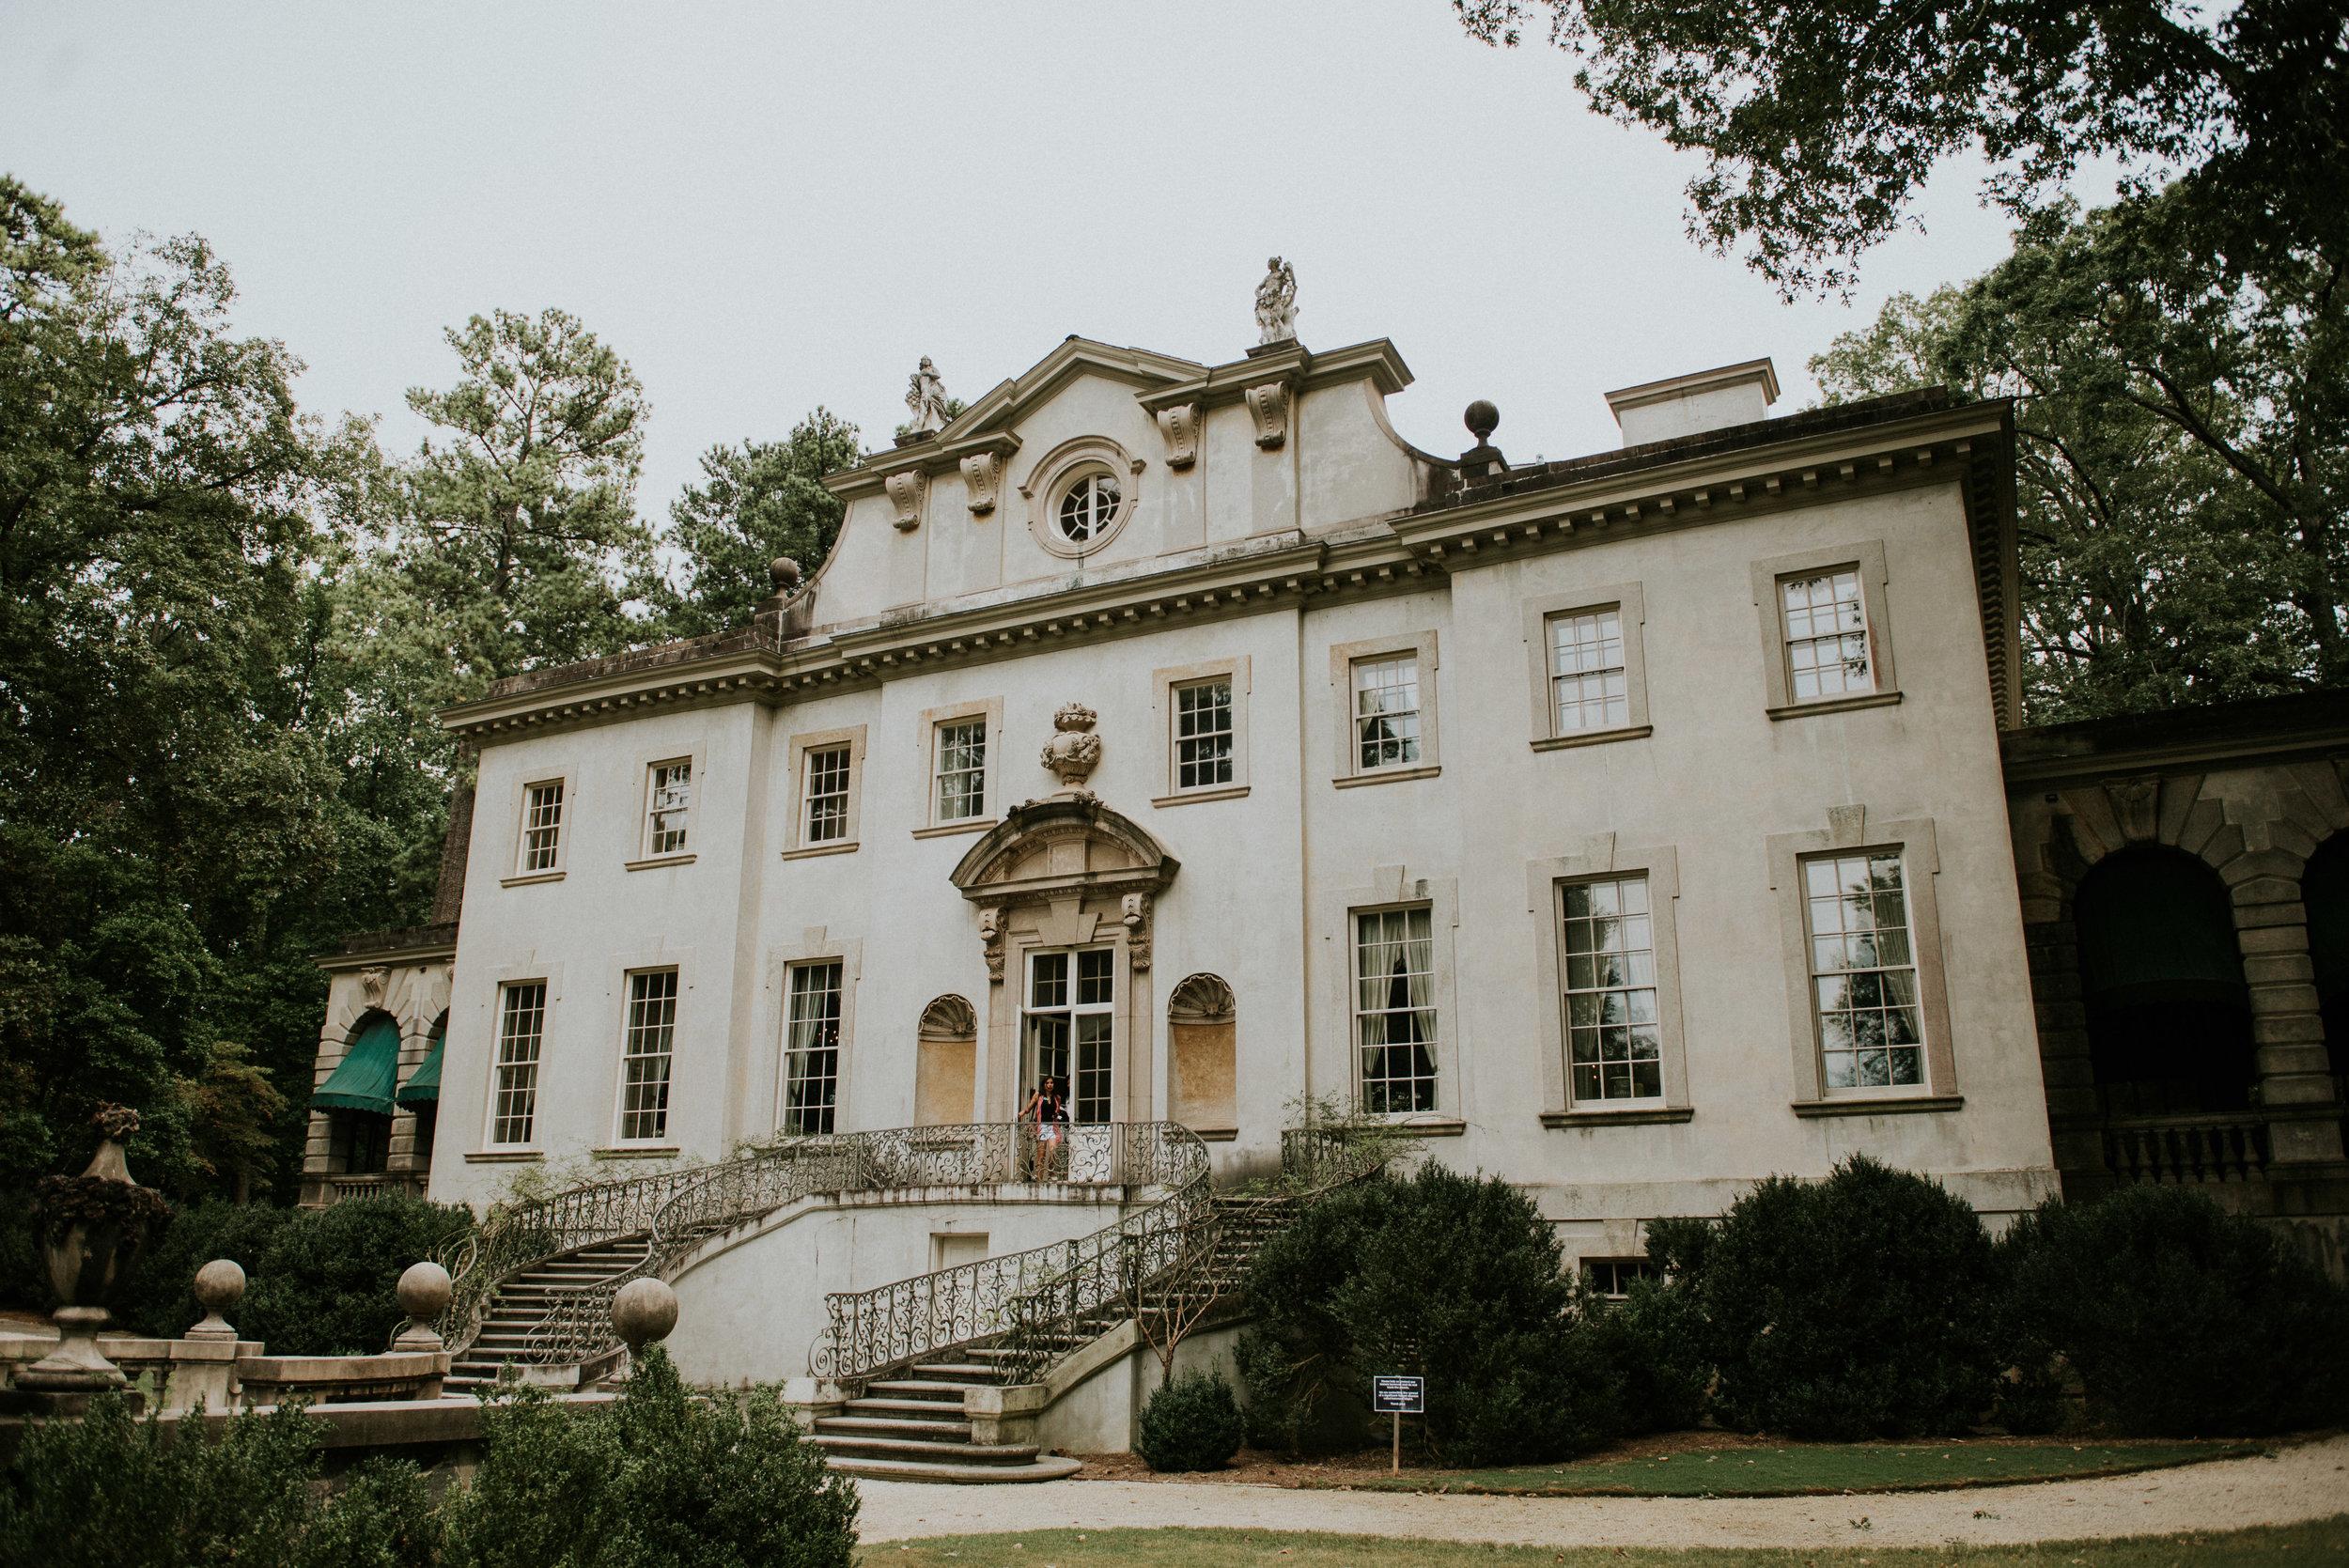 The historic Swan House in Atlanta, GA